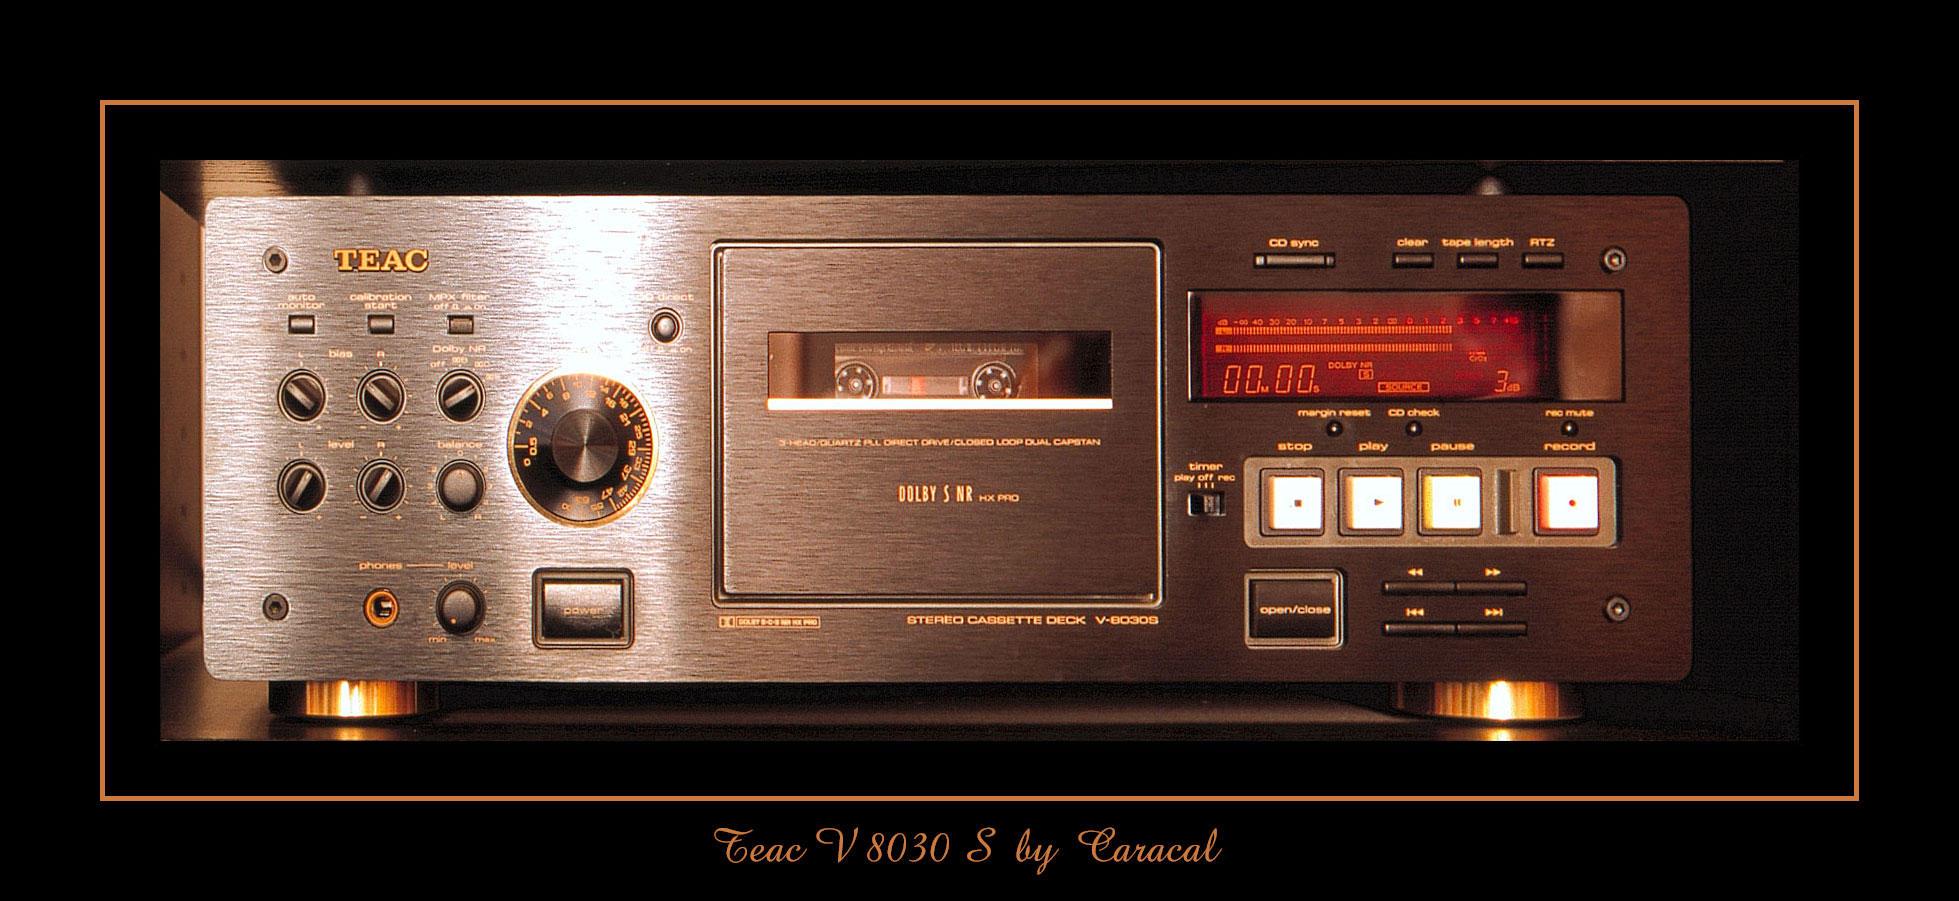 TEAC V 8030 S by caracal